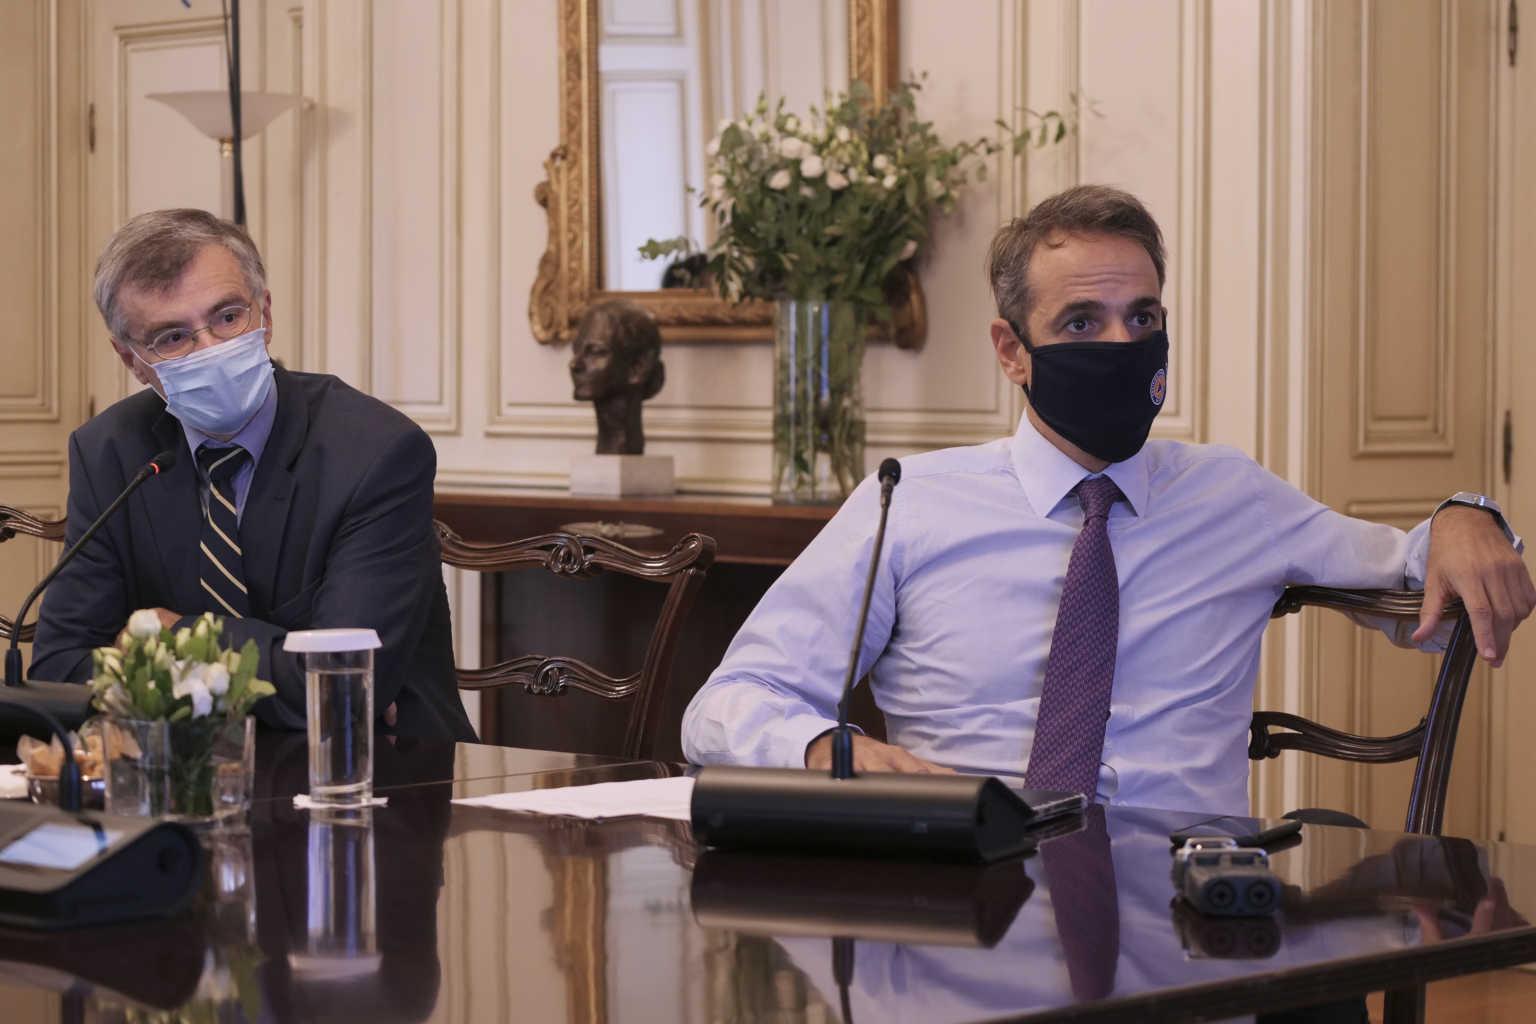 Κορονοϊός: Η κυβέρνηση μπροστά σε μέτρα που δεν παίρνουν αναβολή – Ανακοινώσεις πιθανόν από τον ίδιο τον πρωθυπουργό